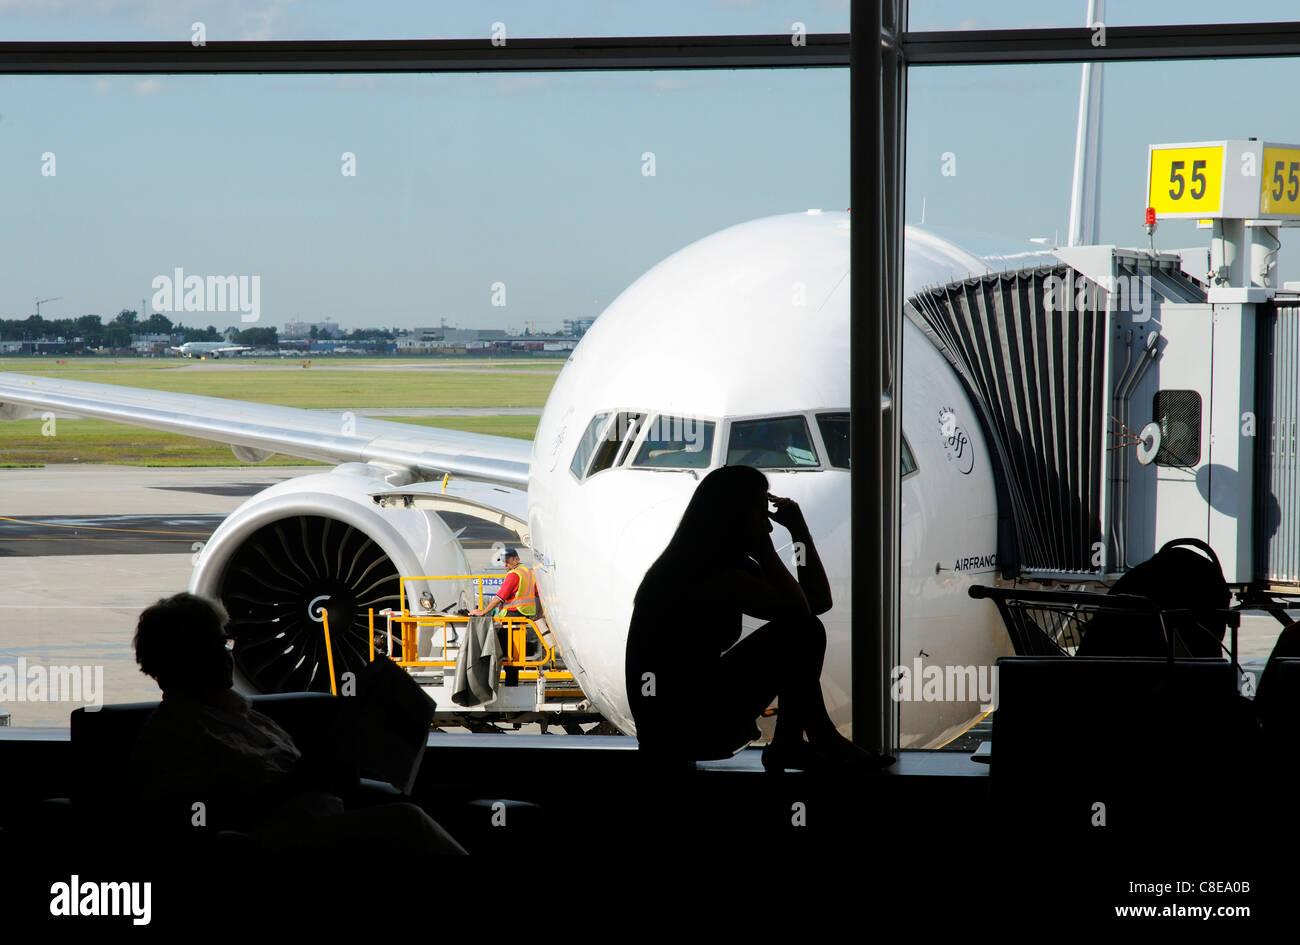 Una mujer joven en un teléfono móvil en silueta en un aeropuerto con un plano detrás de la ventana Imagen De Stock